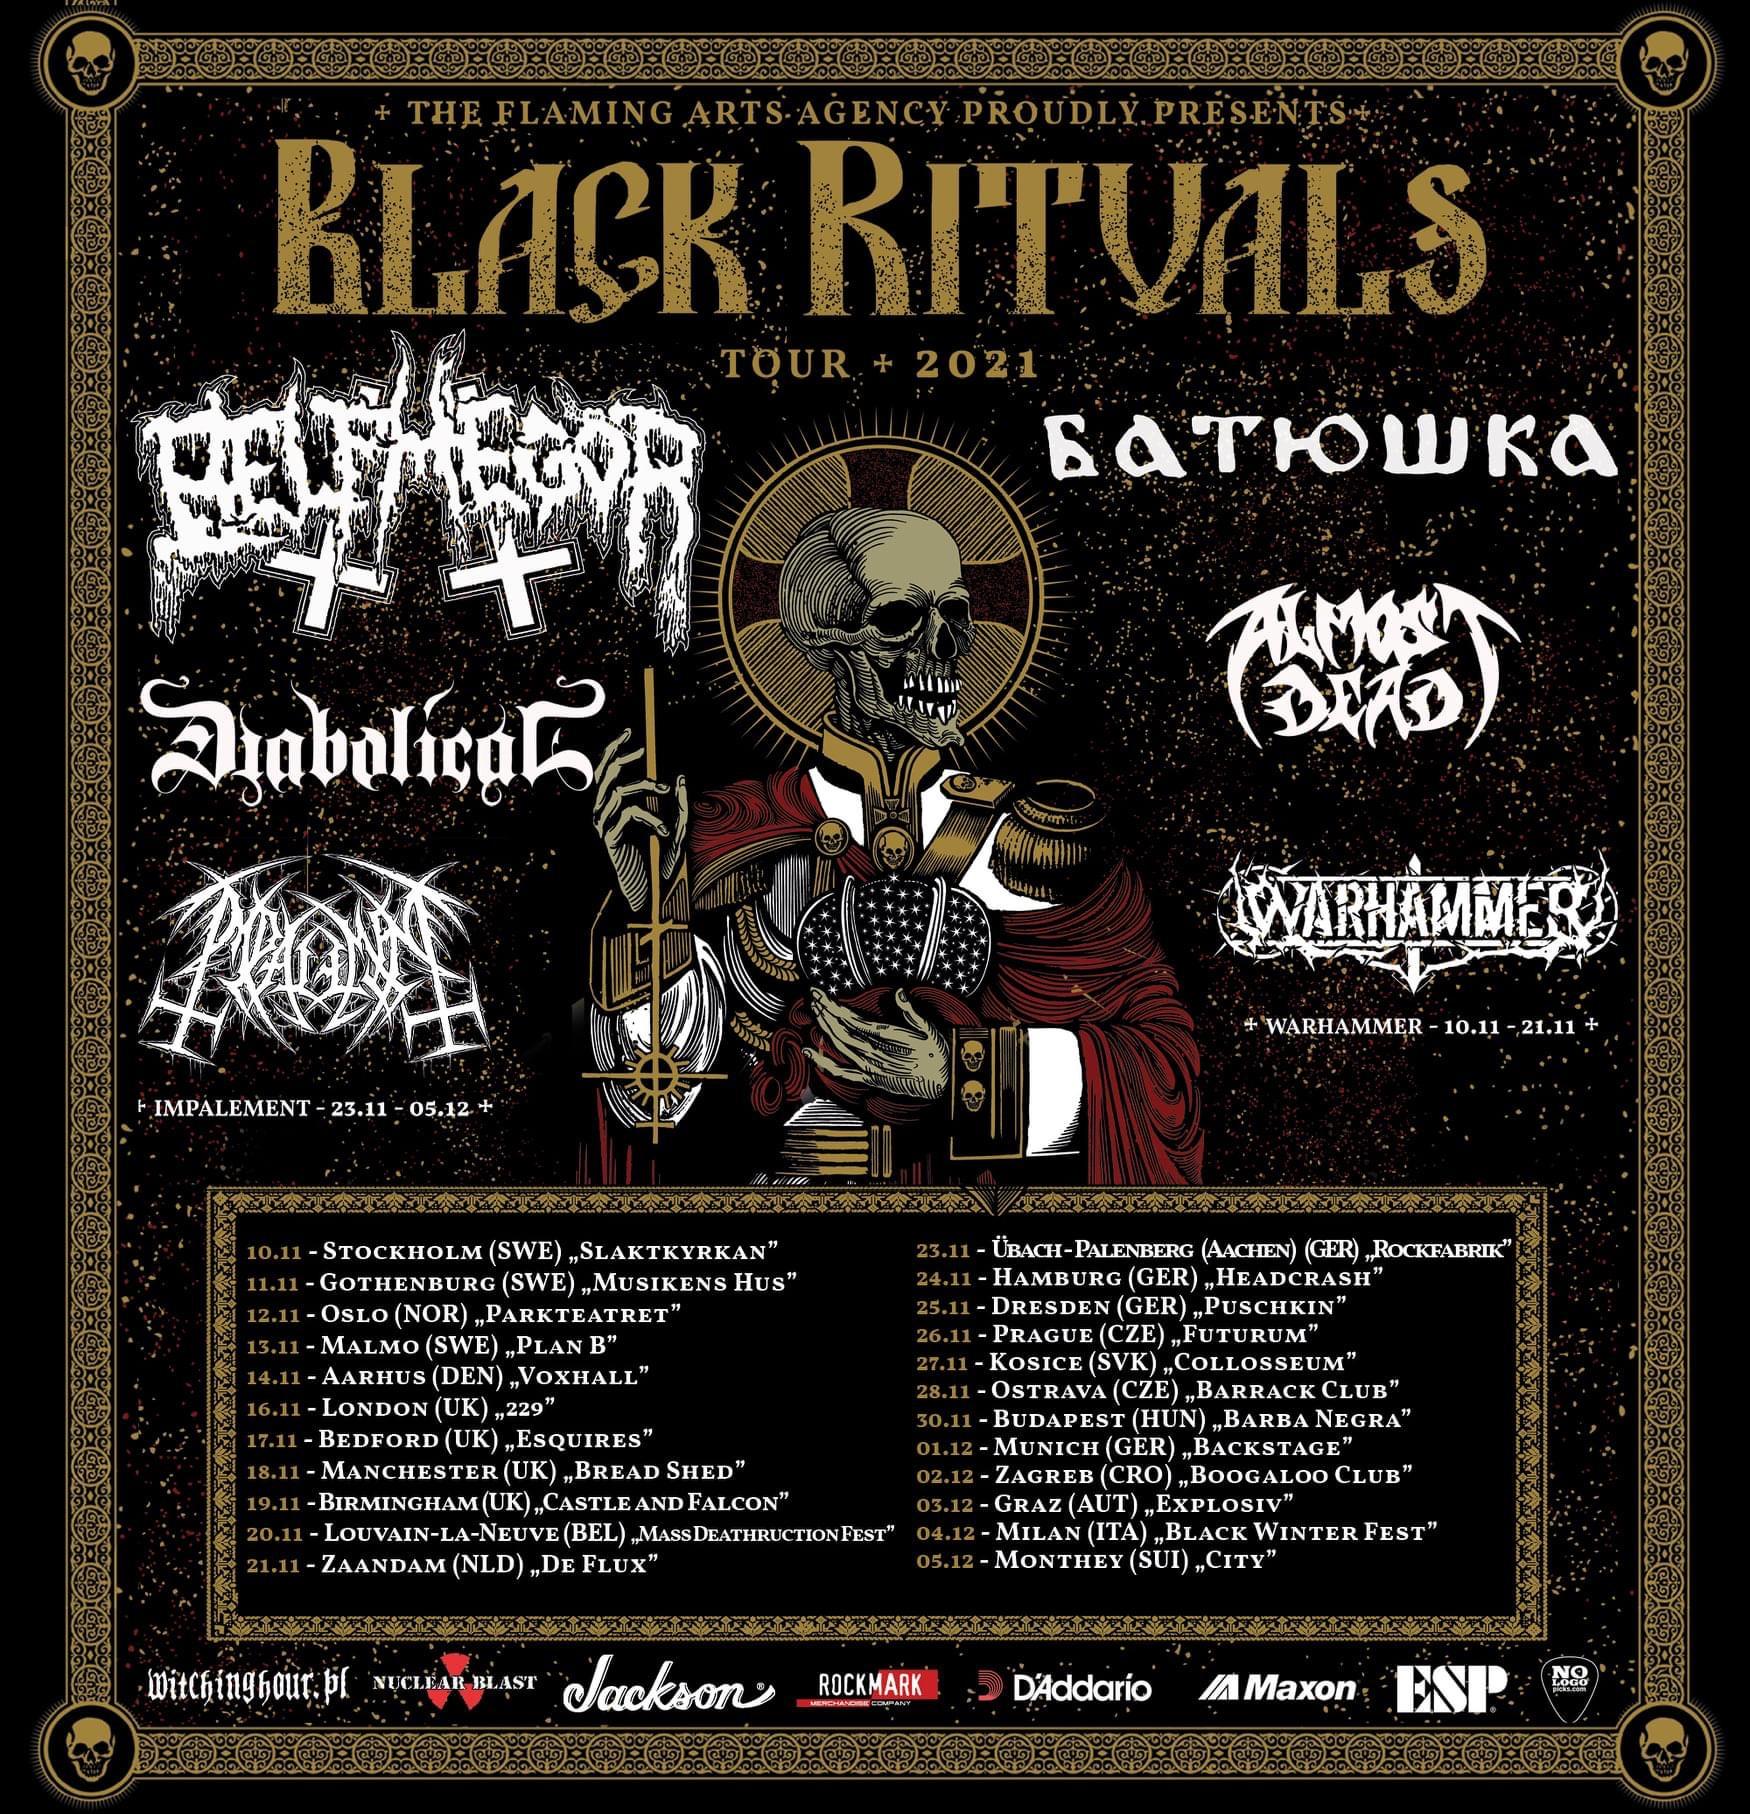 TOUR 2021 Black Rituals Tour. jpg.jpg